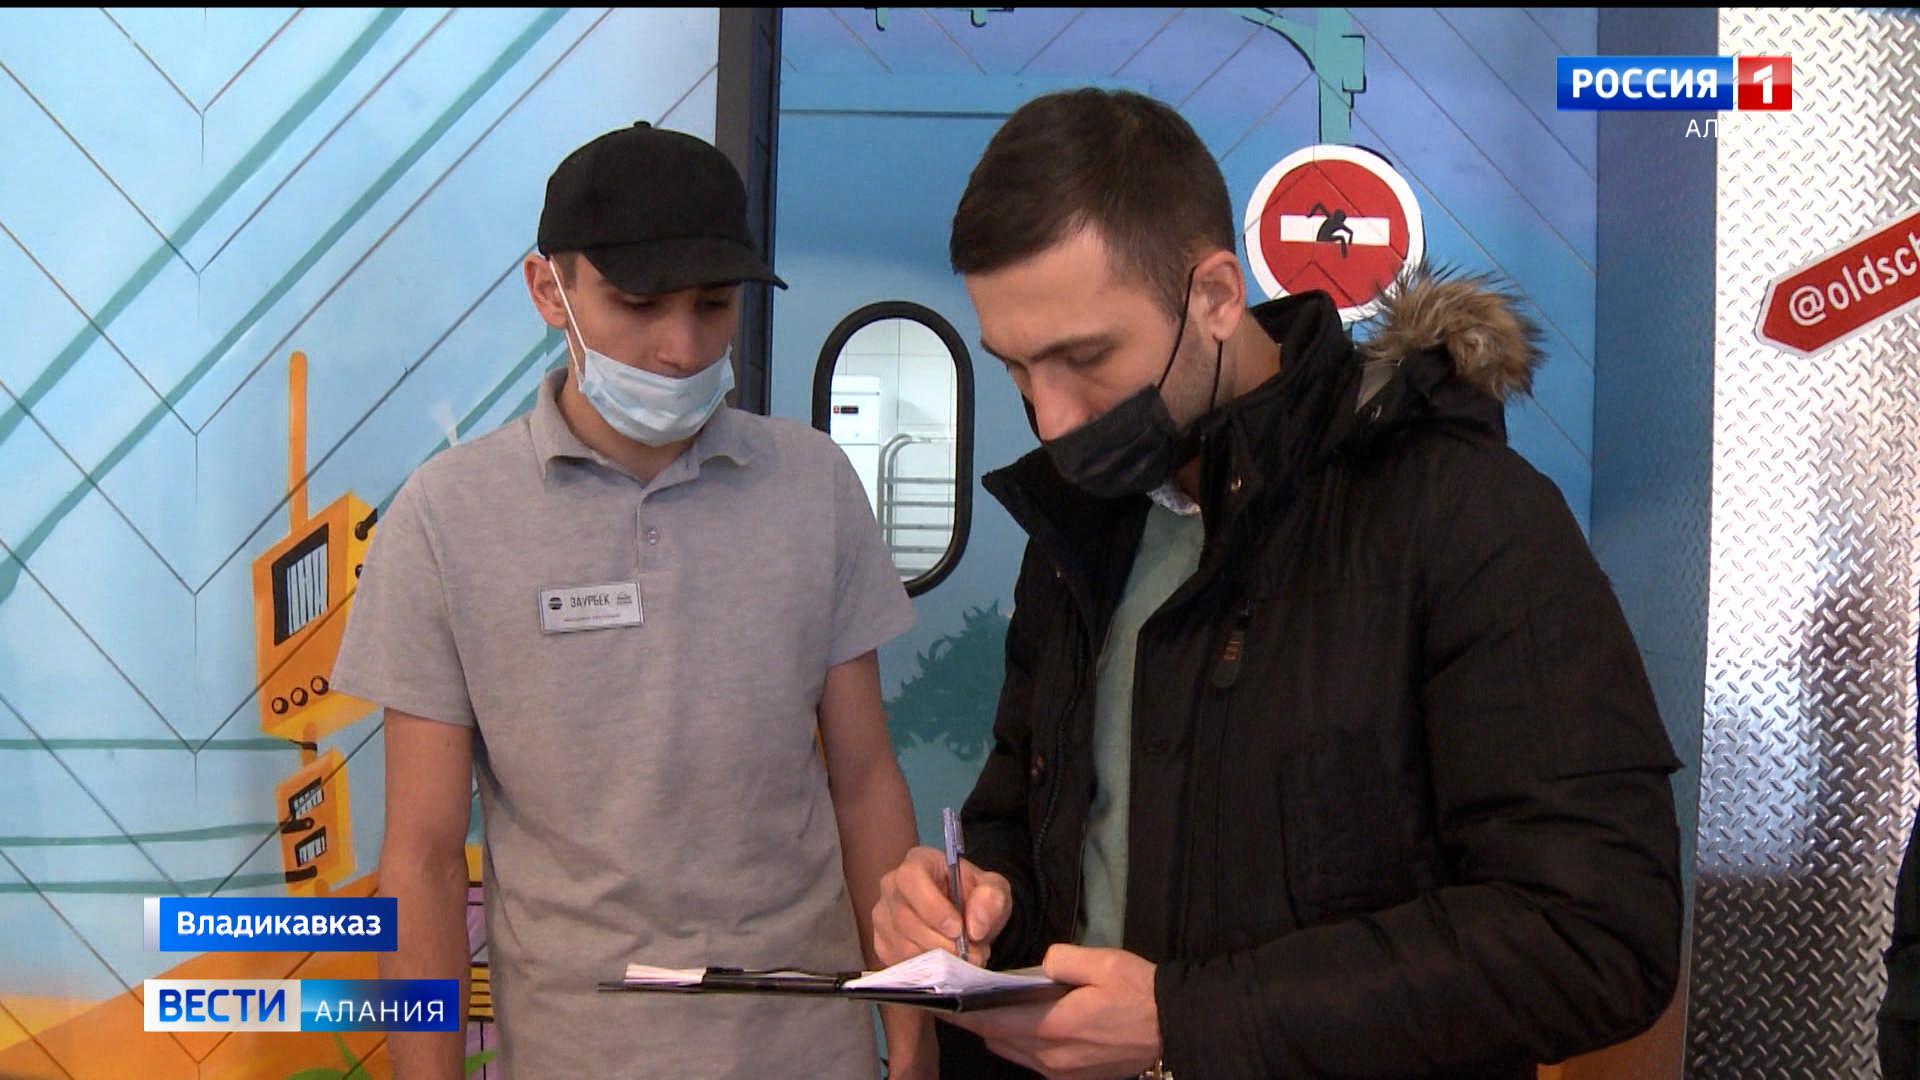 Роспотребнадзор проверил соблюдение противоэпидемических требований в местах общественного питания